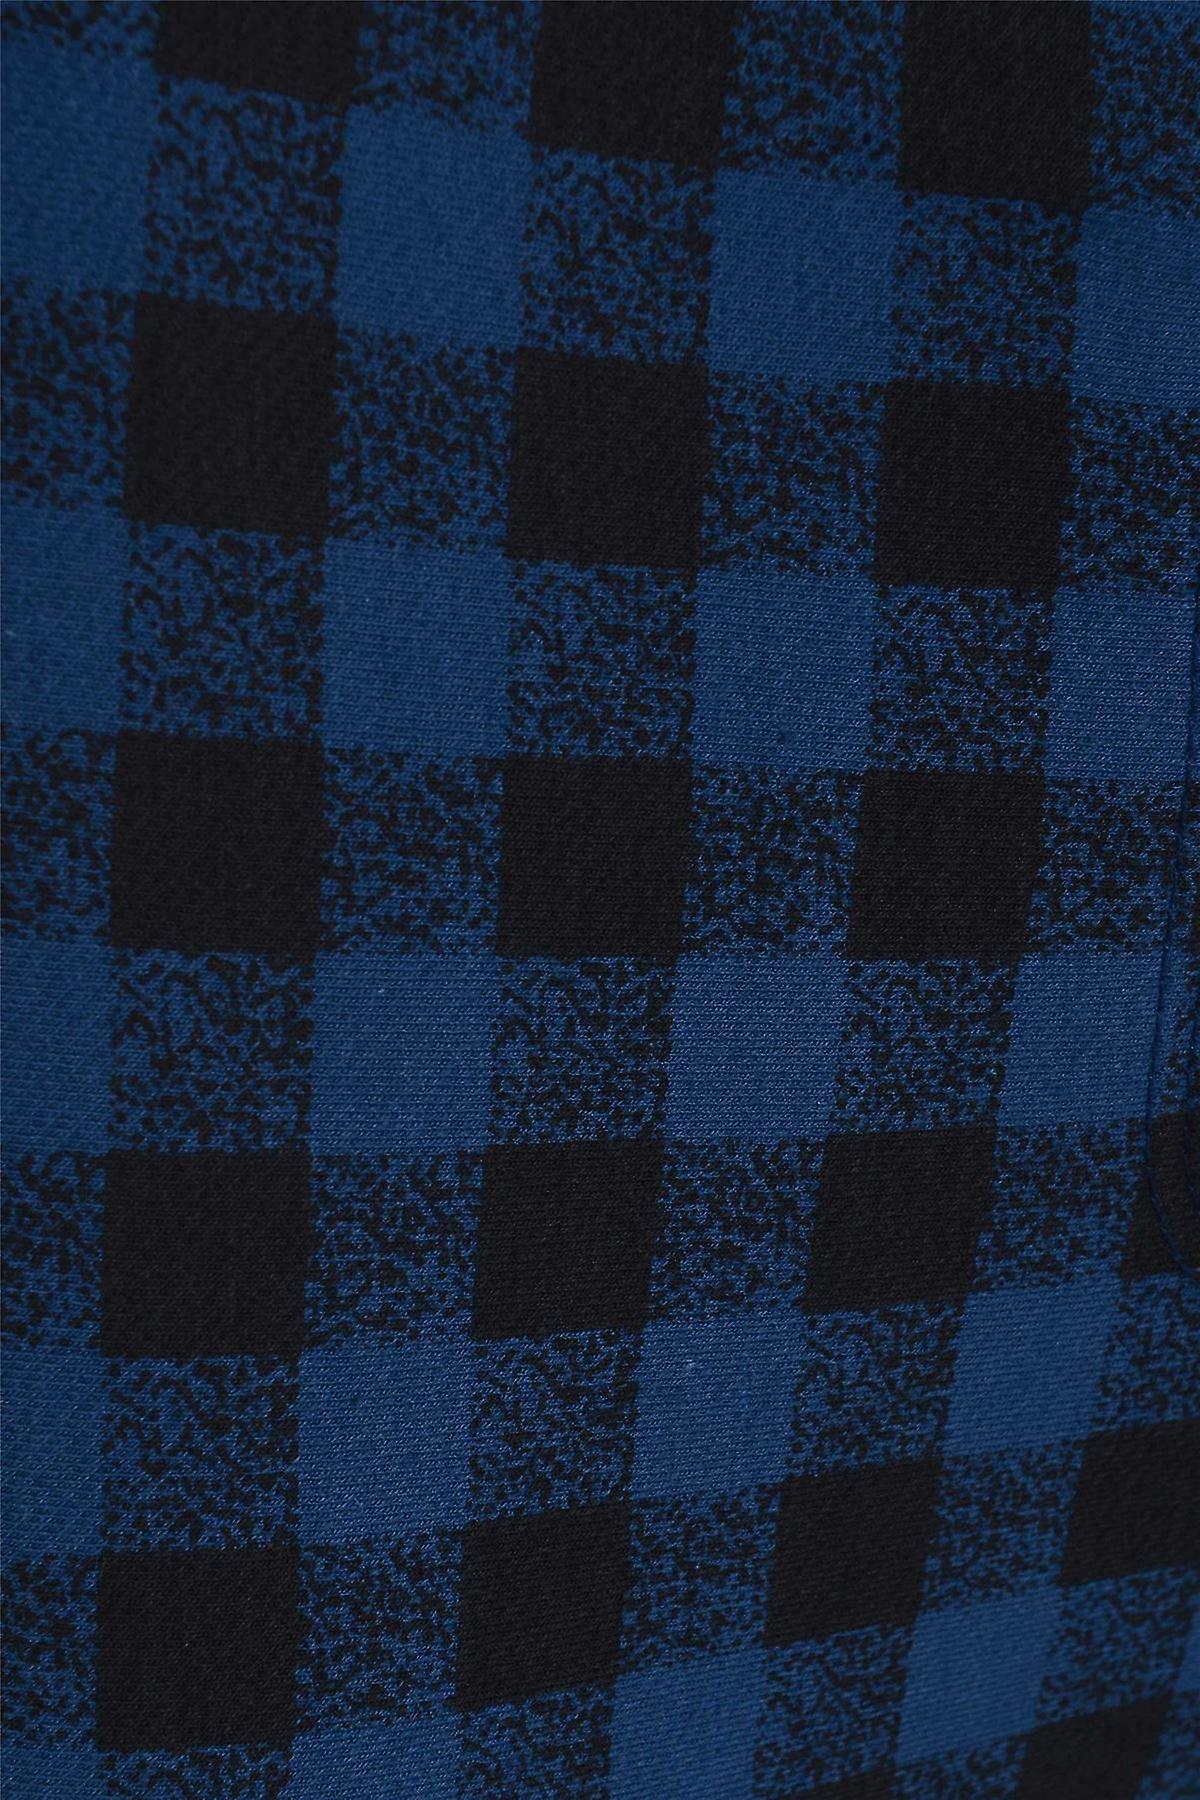 أزرق توبشوب الاختيار طماق TRS221-4